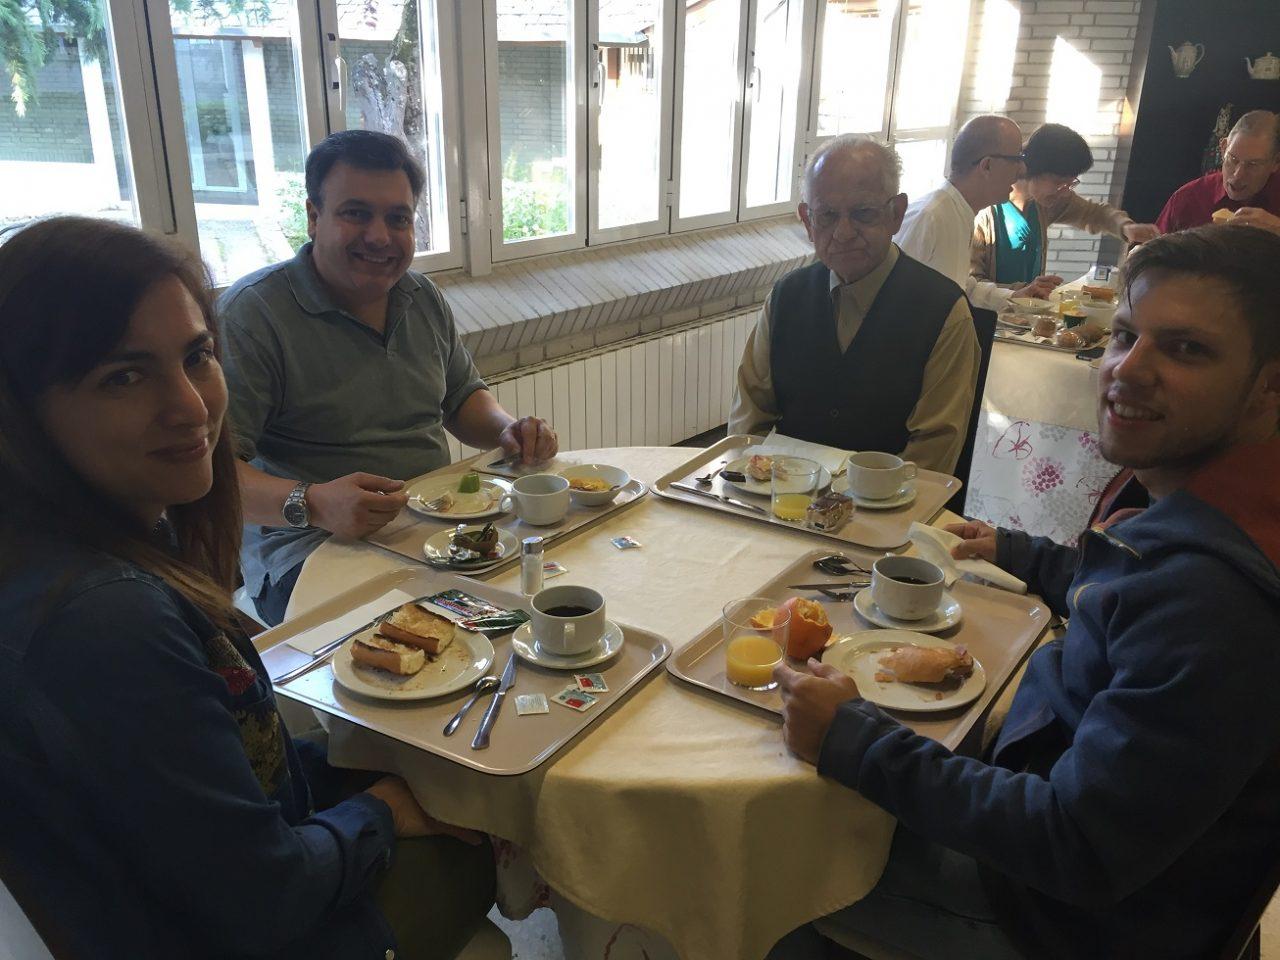 Tres generaciones de miembros desayunando